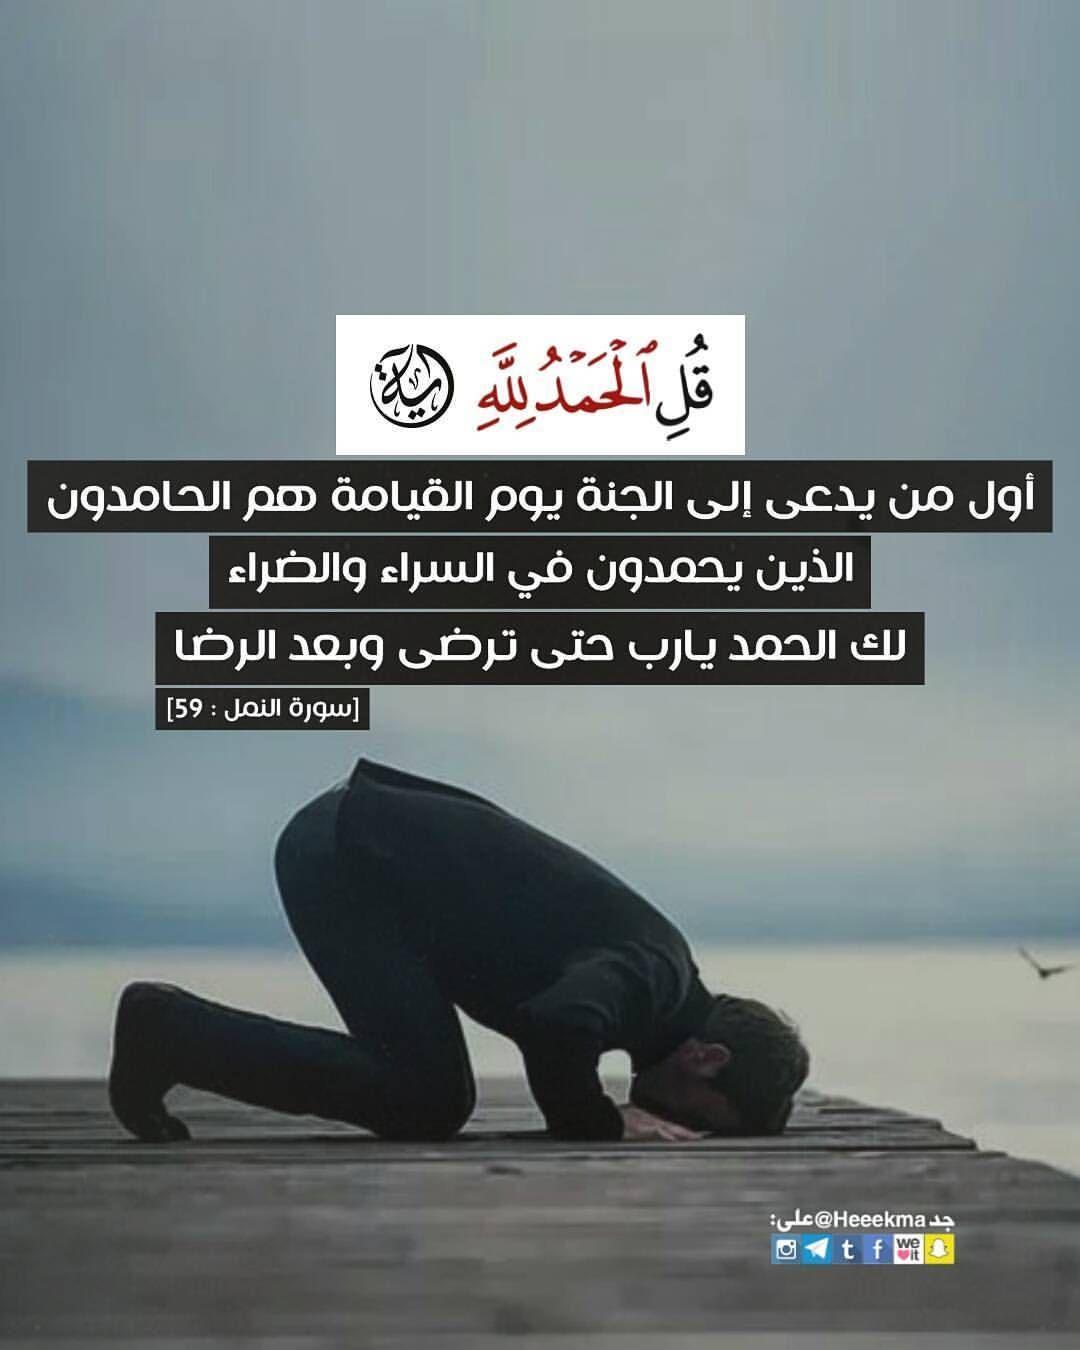 قل الحمدلله أول من يدعى إلى الجنة يوم القيامة هم الحامدون الذين يحمدون في السراء والضراء لك الحمد يا ر Quran Quotes Love Islamic Quotes Quran Quran Quotes